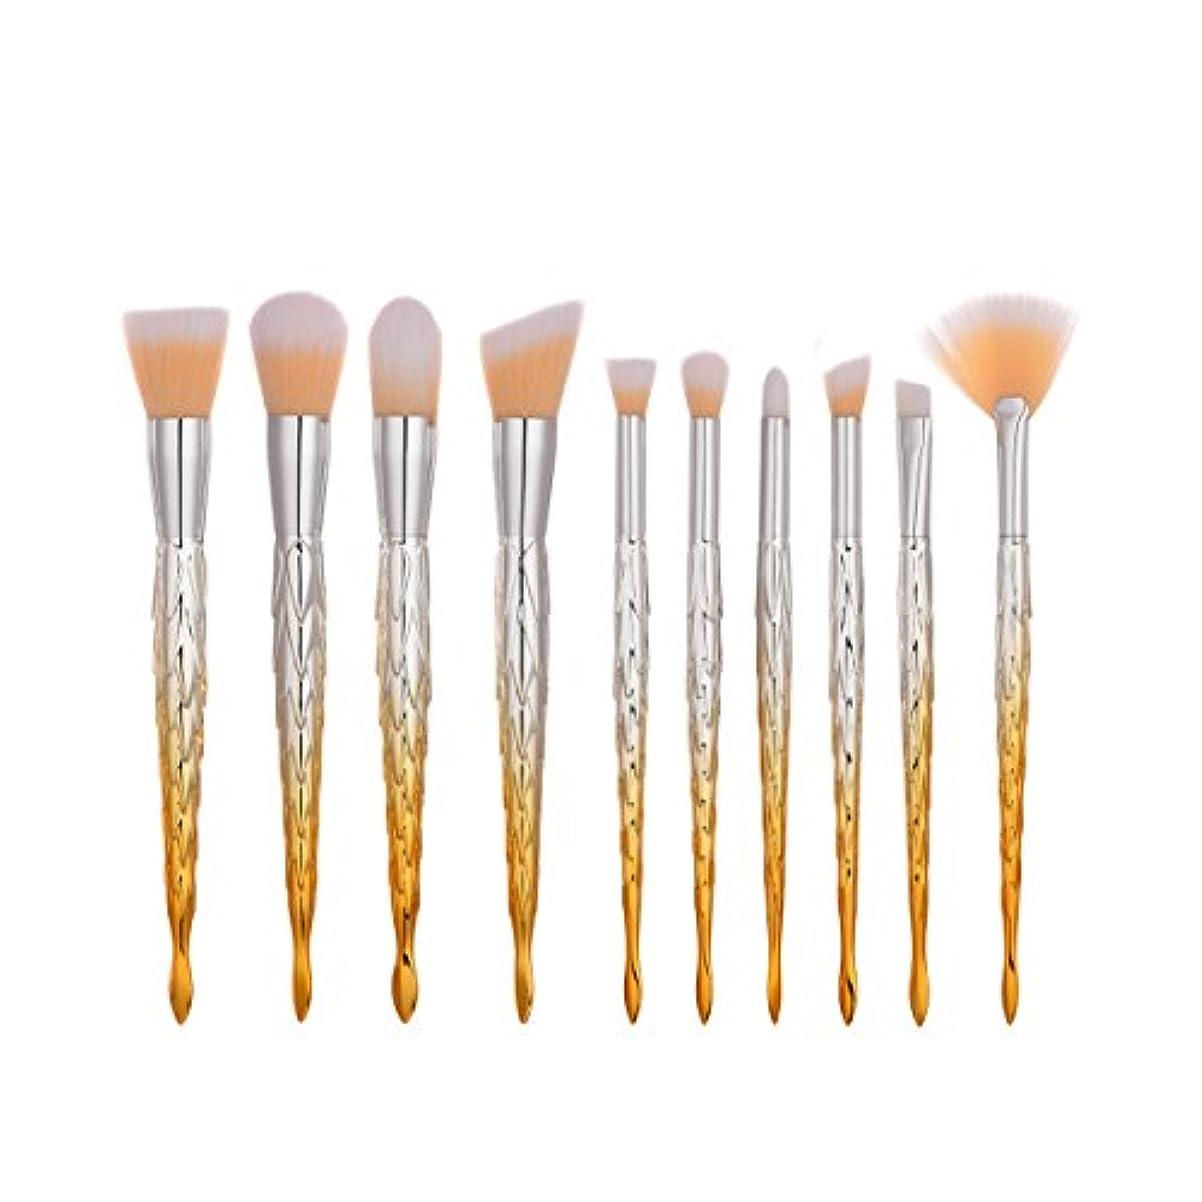 押すパブ赤道ディラビューティー(Dilla Beauty) 10本セットカラフルなマーメイドメイクブラシセットプラスチックハンドル魚ブラシプロフェッショナルフェイスメイクアップブレンダースポンジパフブラシユニークなレインボーブラシ、ティーンズガールズ女性のための格安プライム (オレンジ - ホワイト)